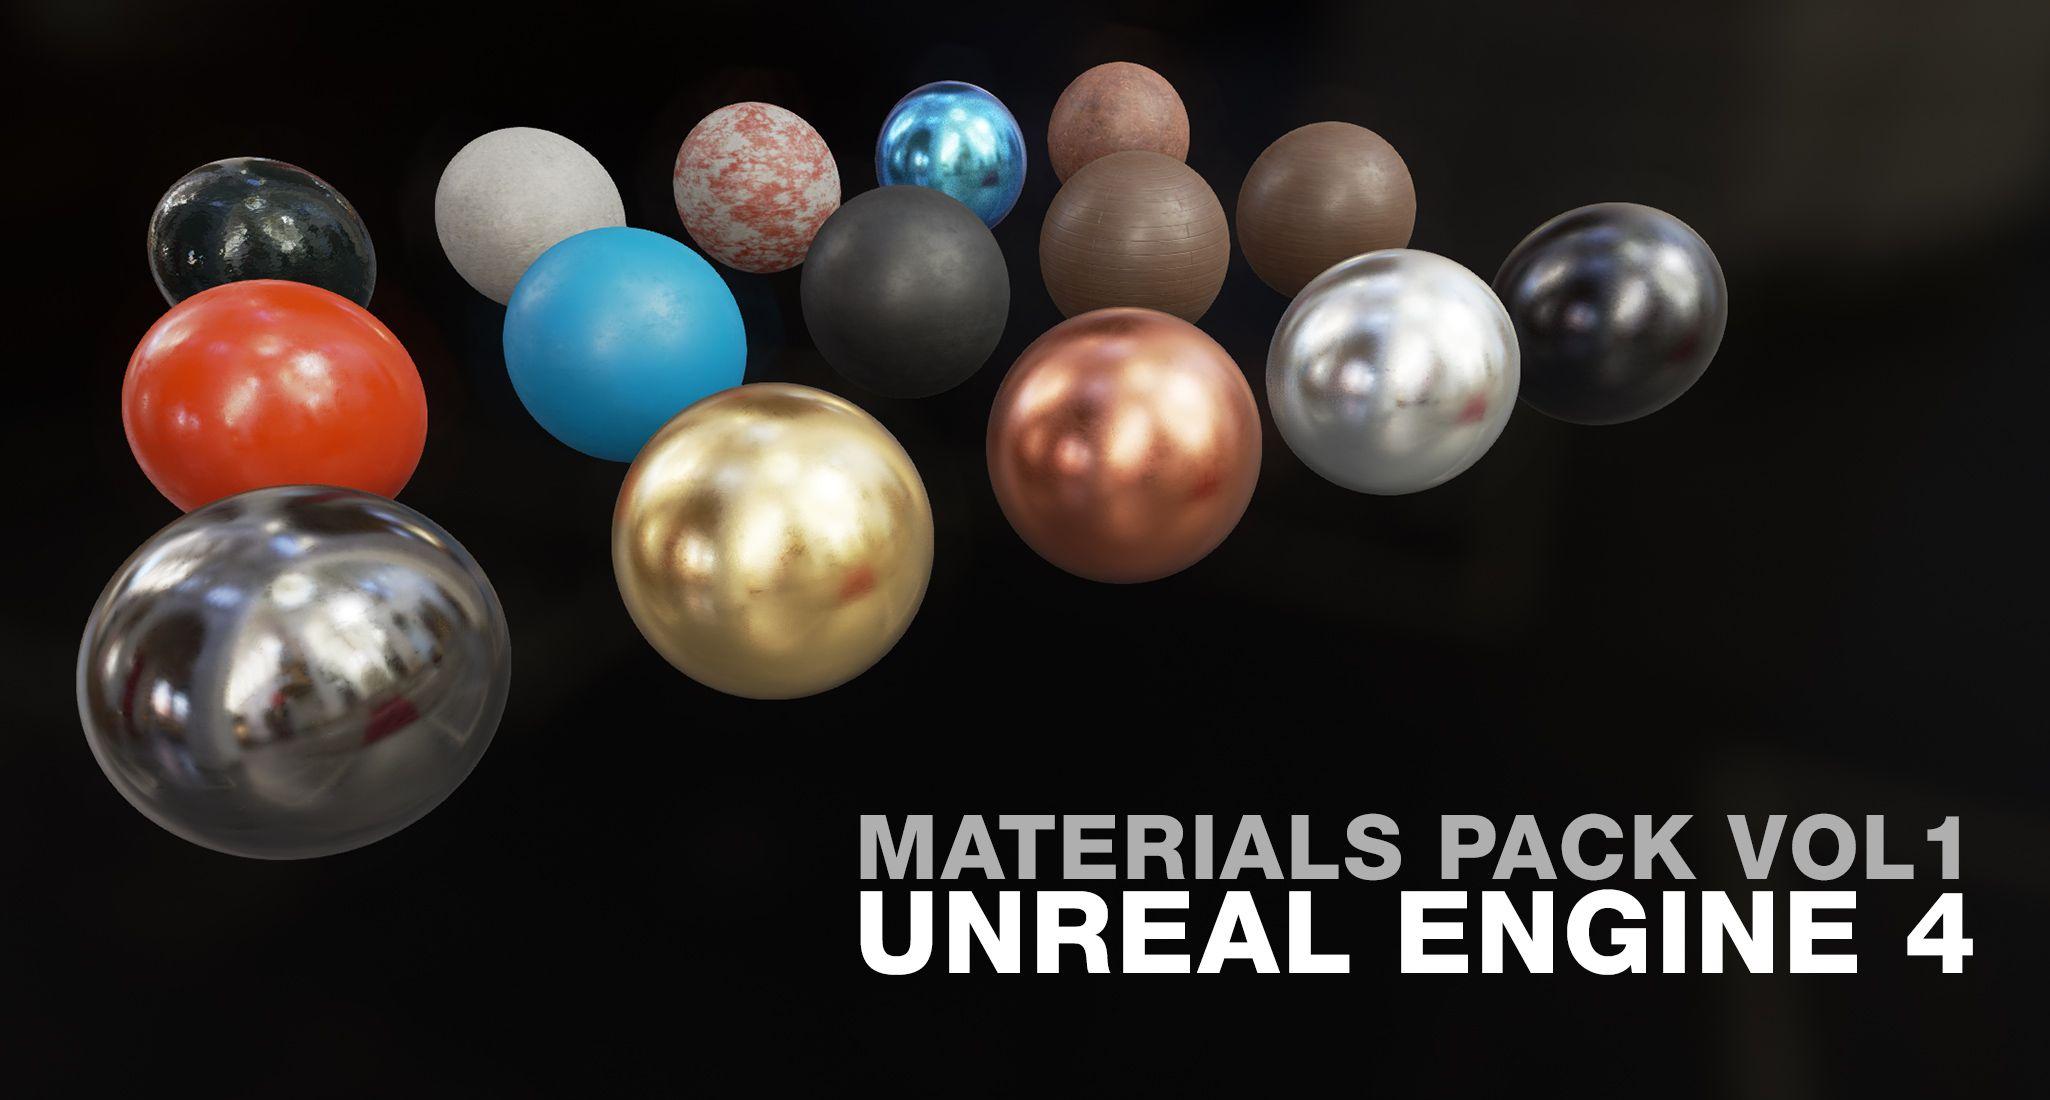 UE4 Materials Pack Vol  1 in 2019   Neat Game Development Stuff